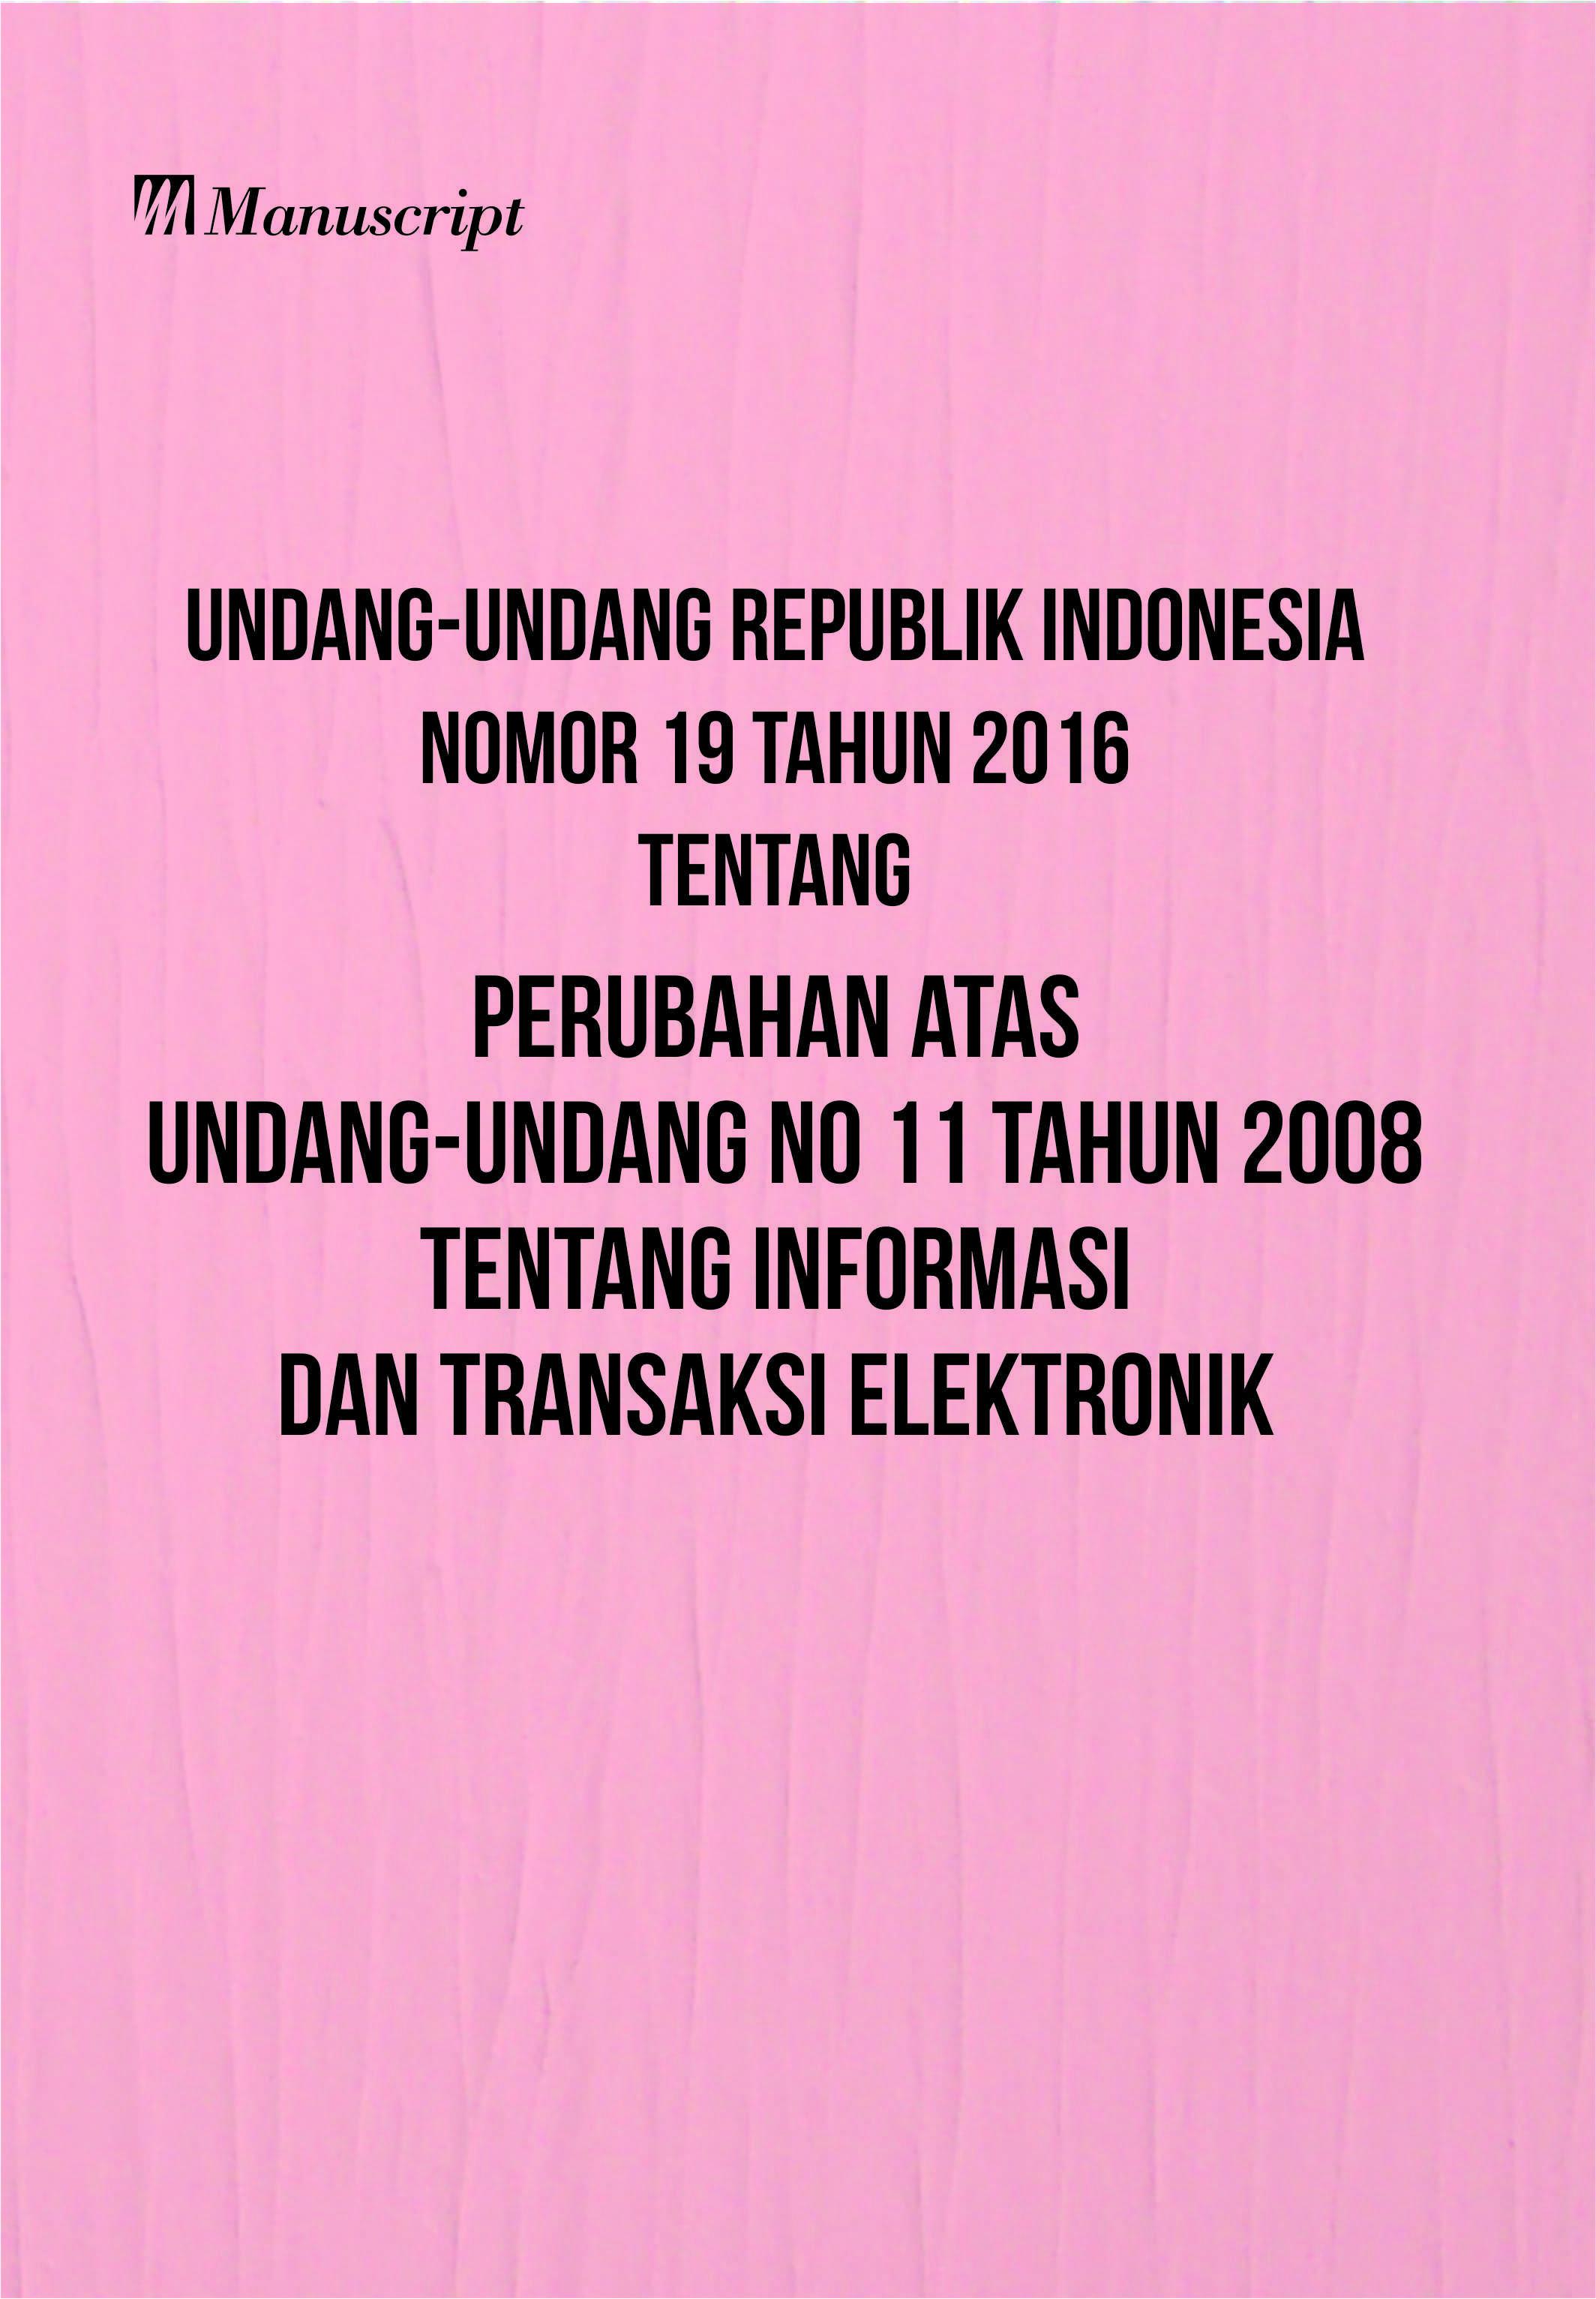 Undang-undang republik indonesia nomor 19 tahun 2016 tentang perubahan atas undang-undang nomor 11 tahun 2008 tentang informasi dan transaksi elektronik [sumber elektronis]